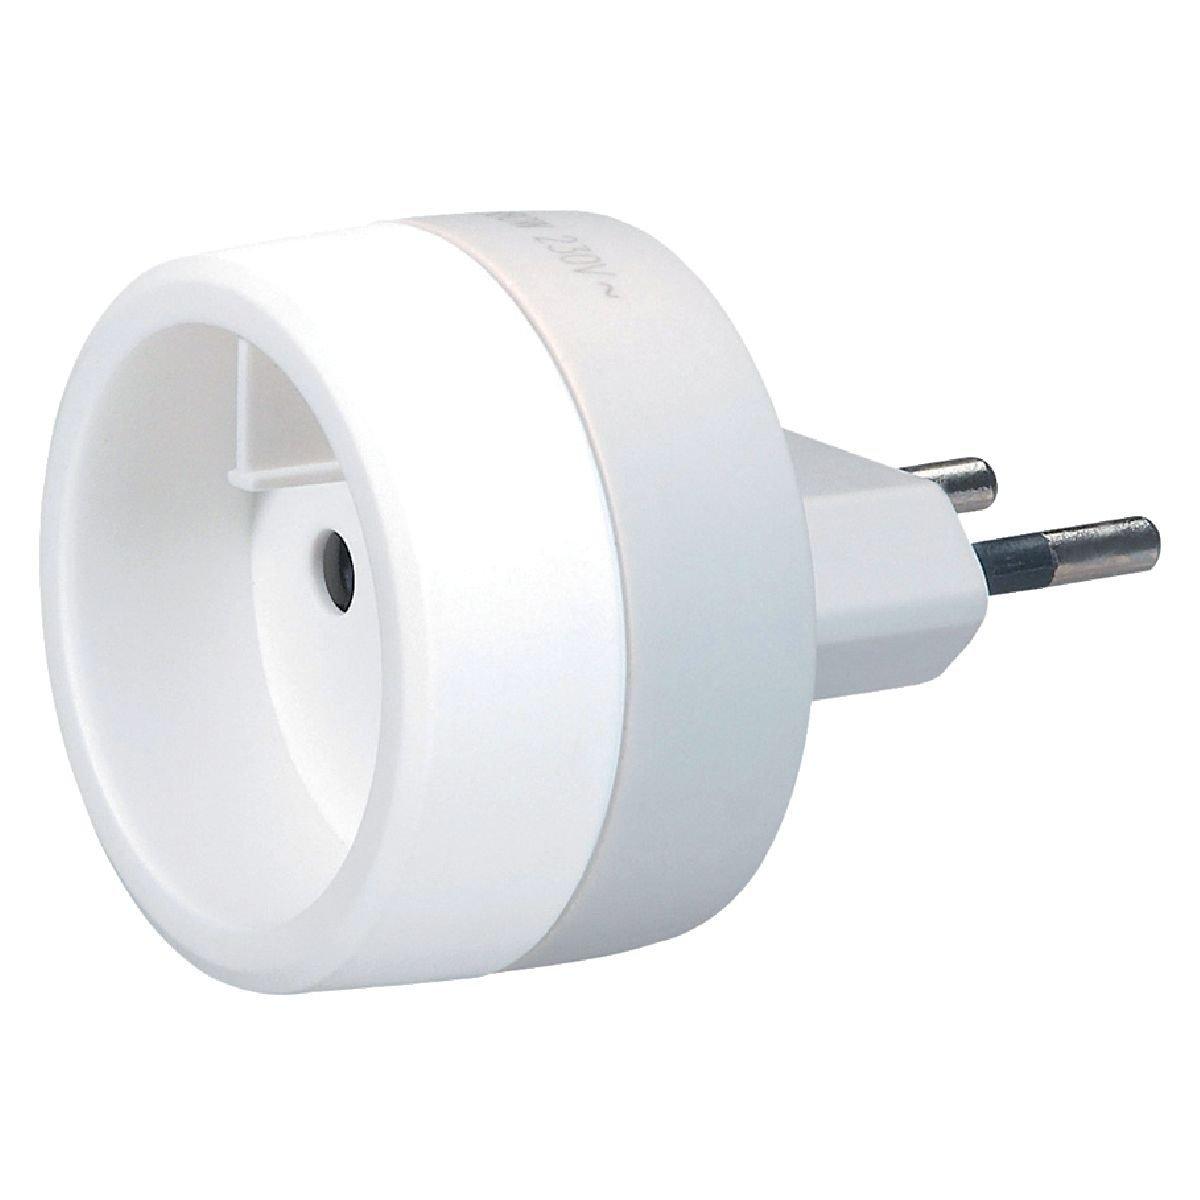 adaptateur prise de courant fran aise 6a blanc ebenoid lot de 6 saint ambroix 30500. Black Bedroom Furniture Sets. Home Design Ideas